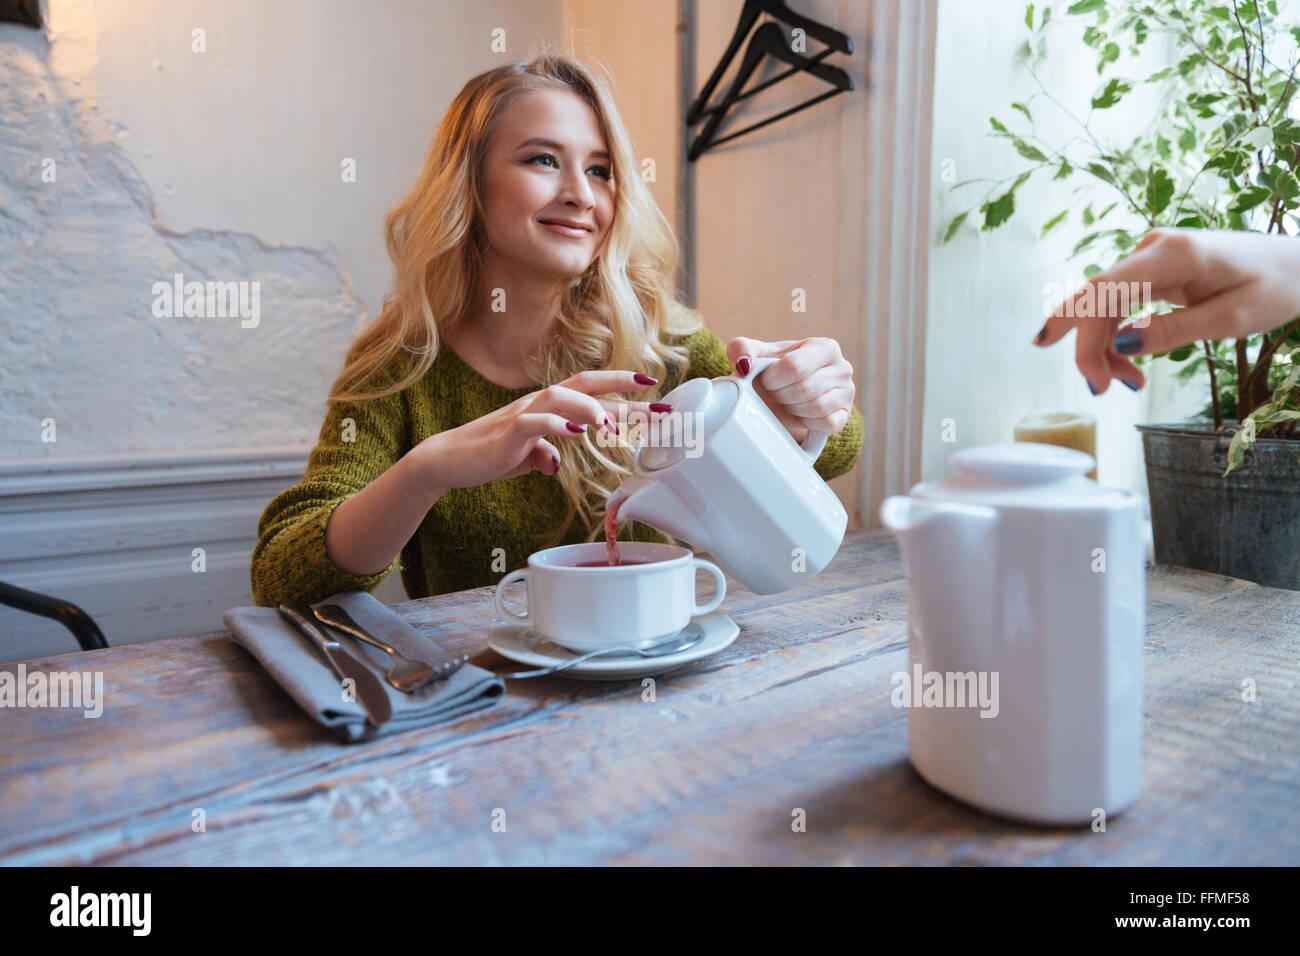 Schöne junge Frau Tee im Café trinken Stockfoto